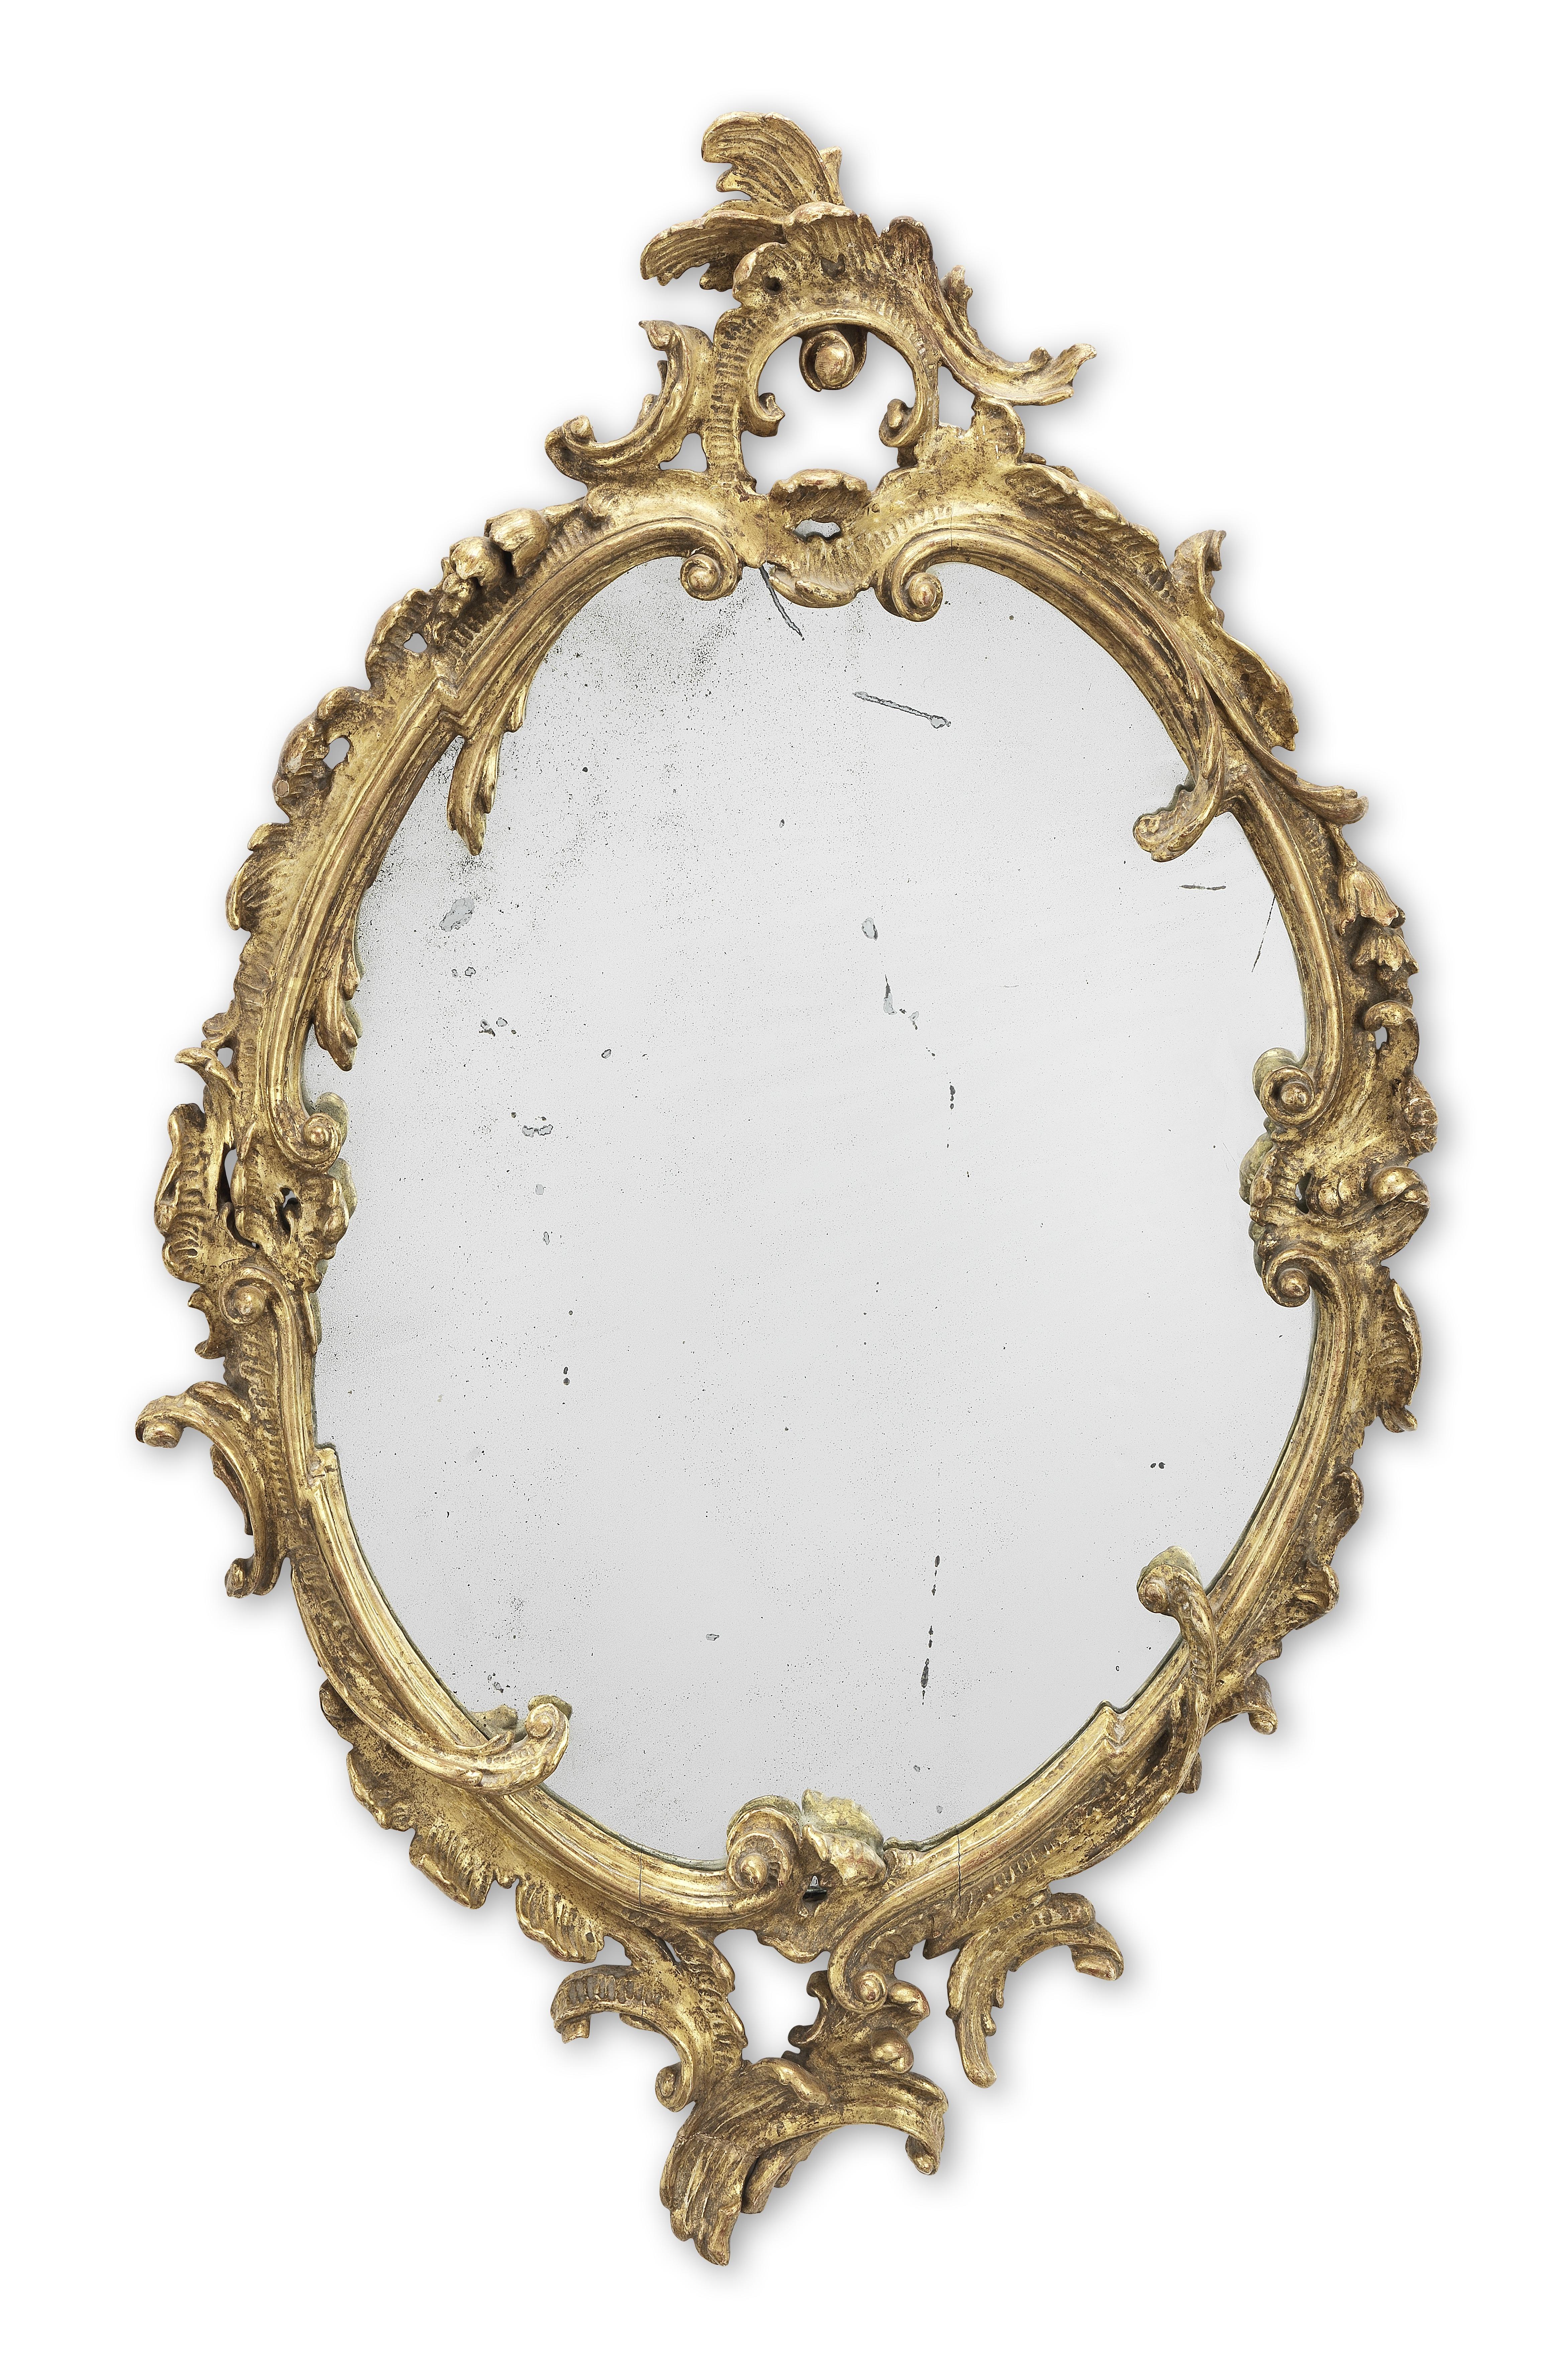 A 19th century Rococo revival giltwood mirror